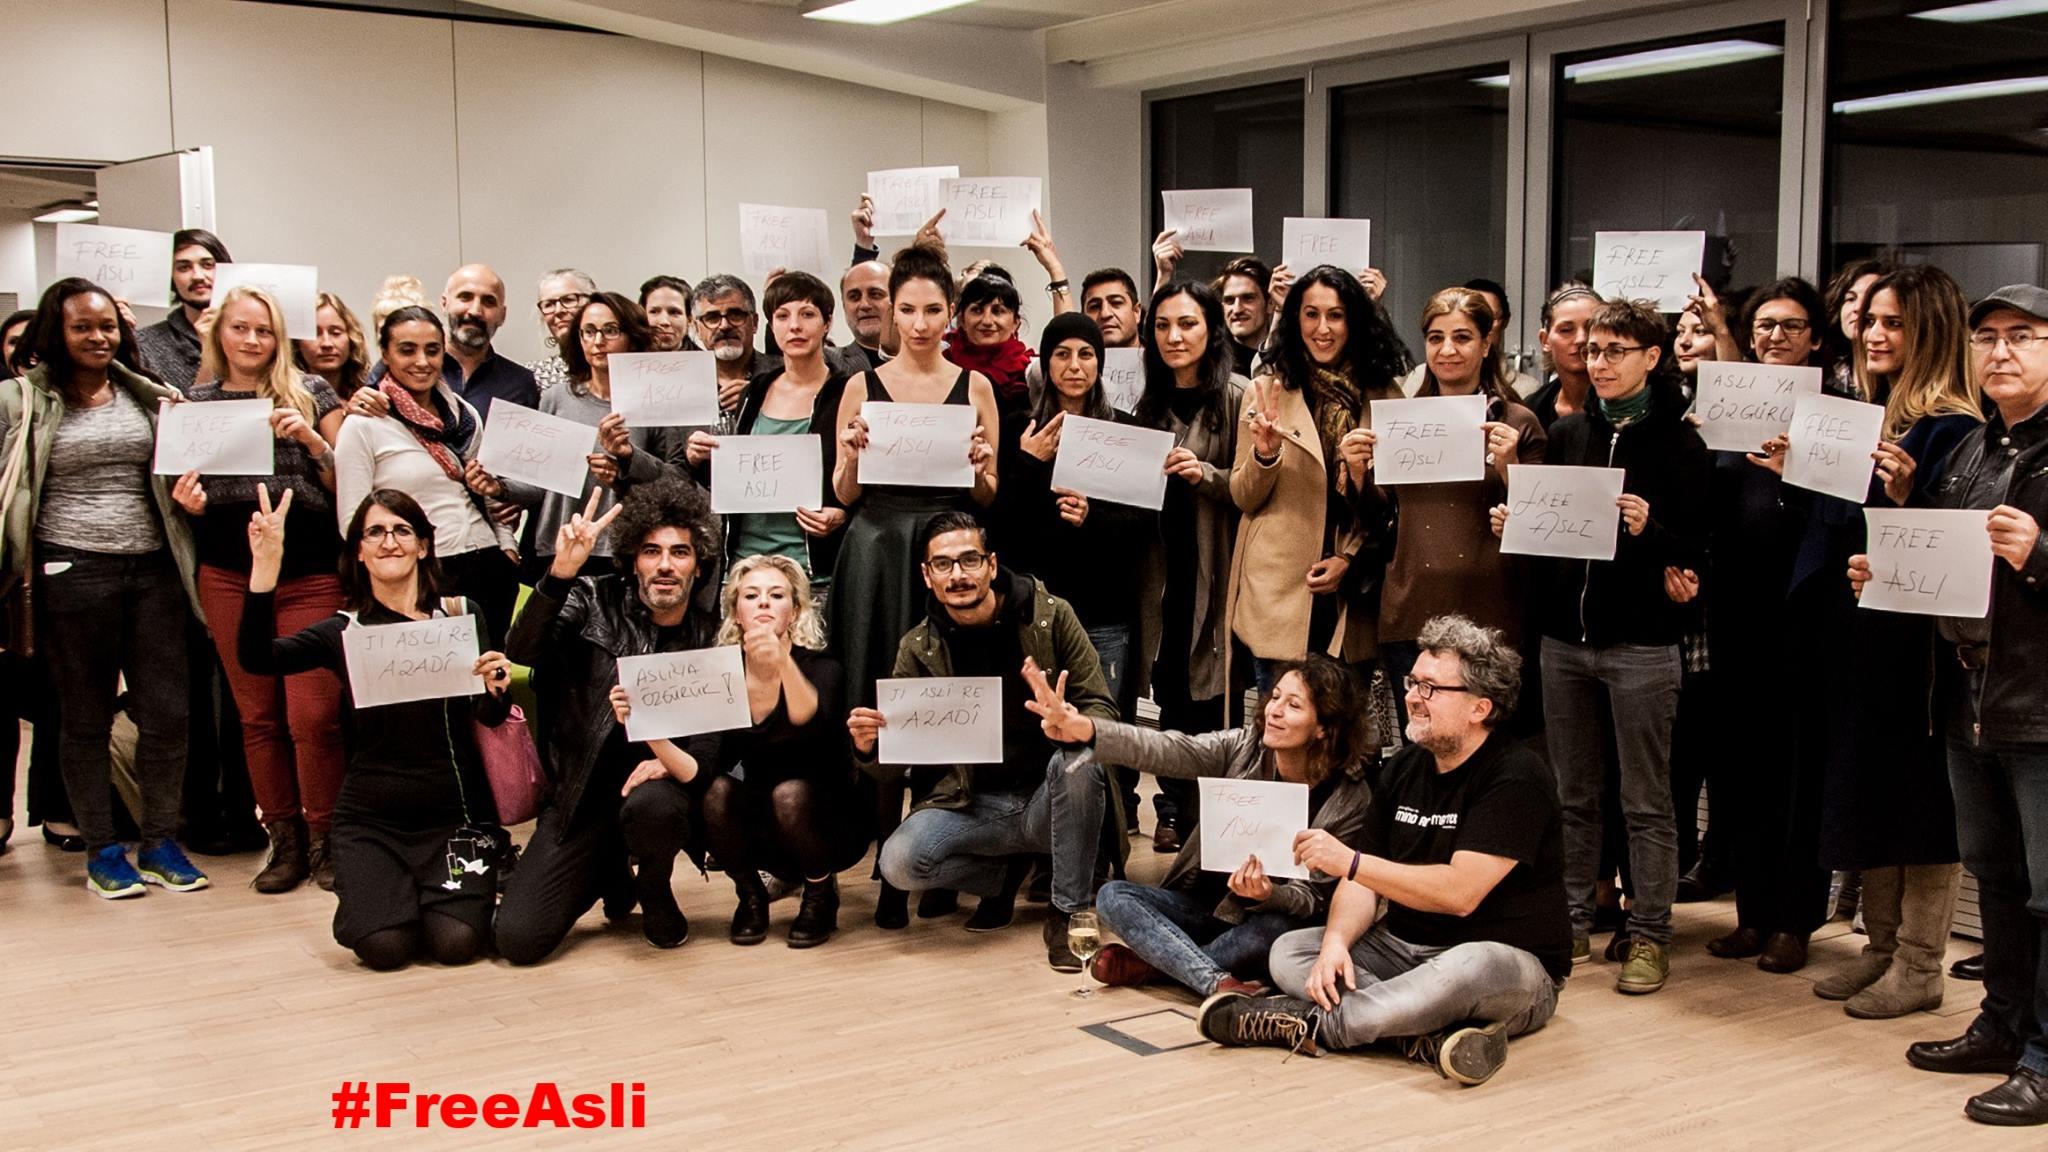 Protest-Lesung gegen die Inhaftierung von Oppositionellen in der Türkei